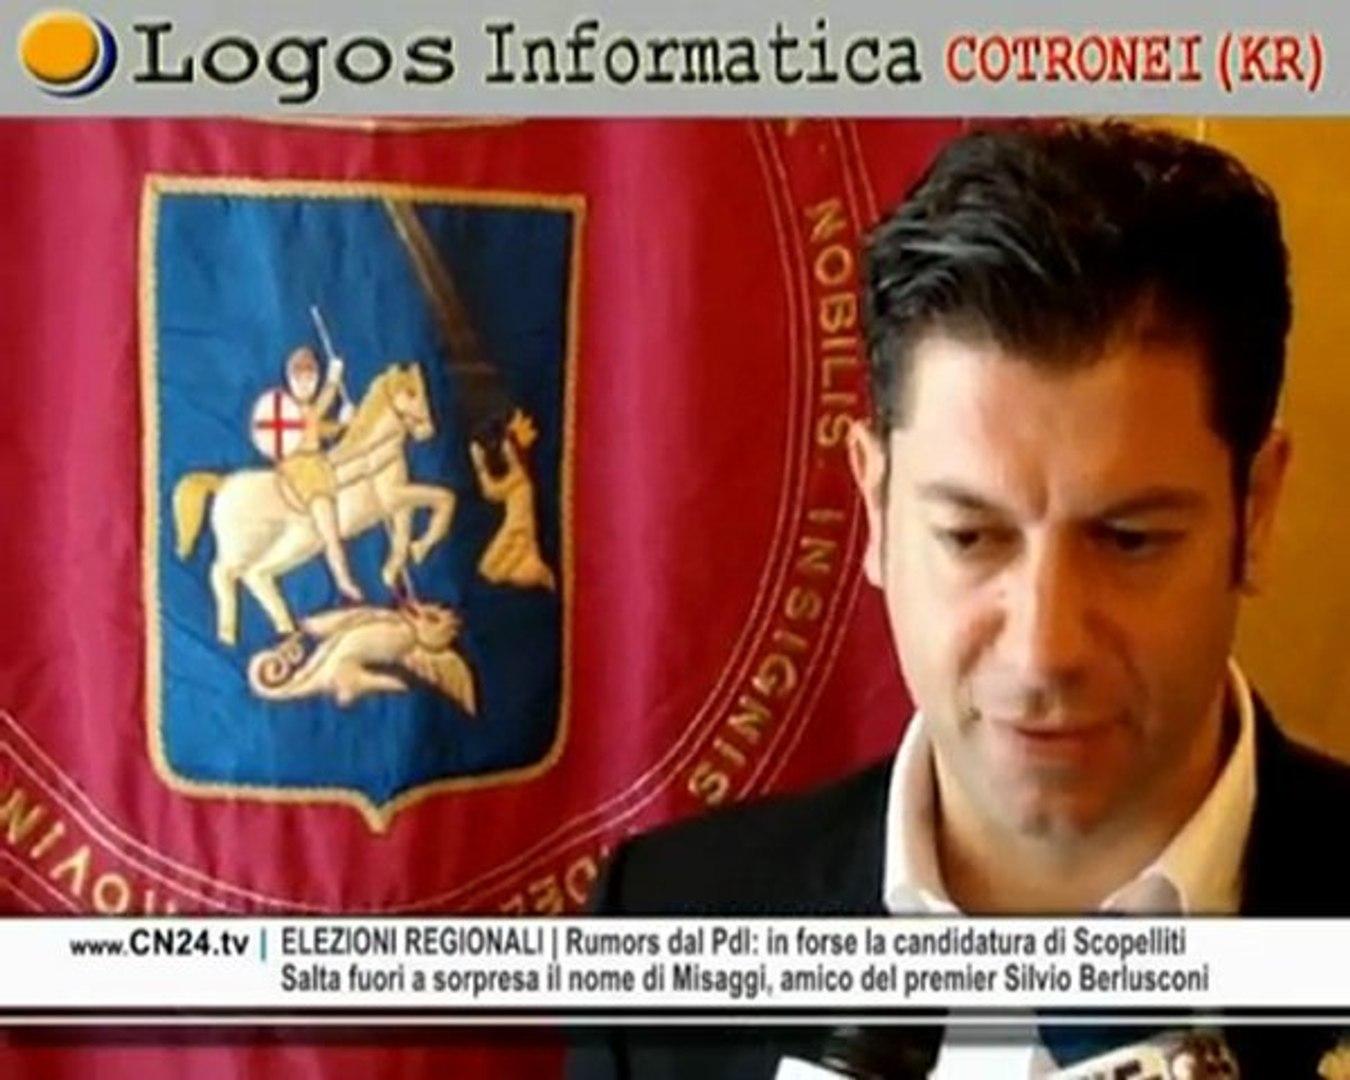 CN24 | 180secondi del 14 NOVEMBRE 2009 |  L'informazione calabrese in soli tre minuti